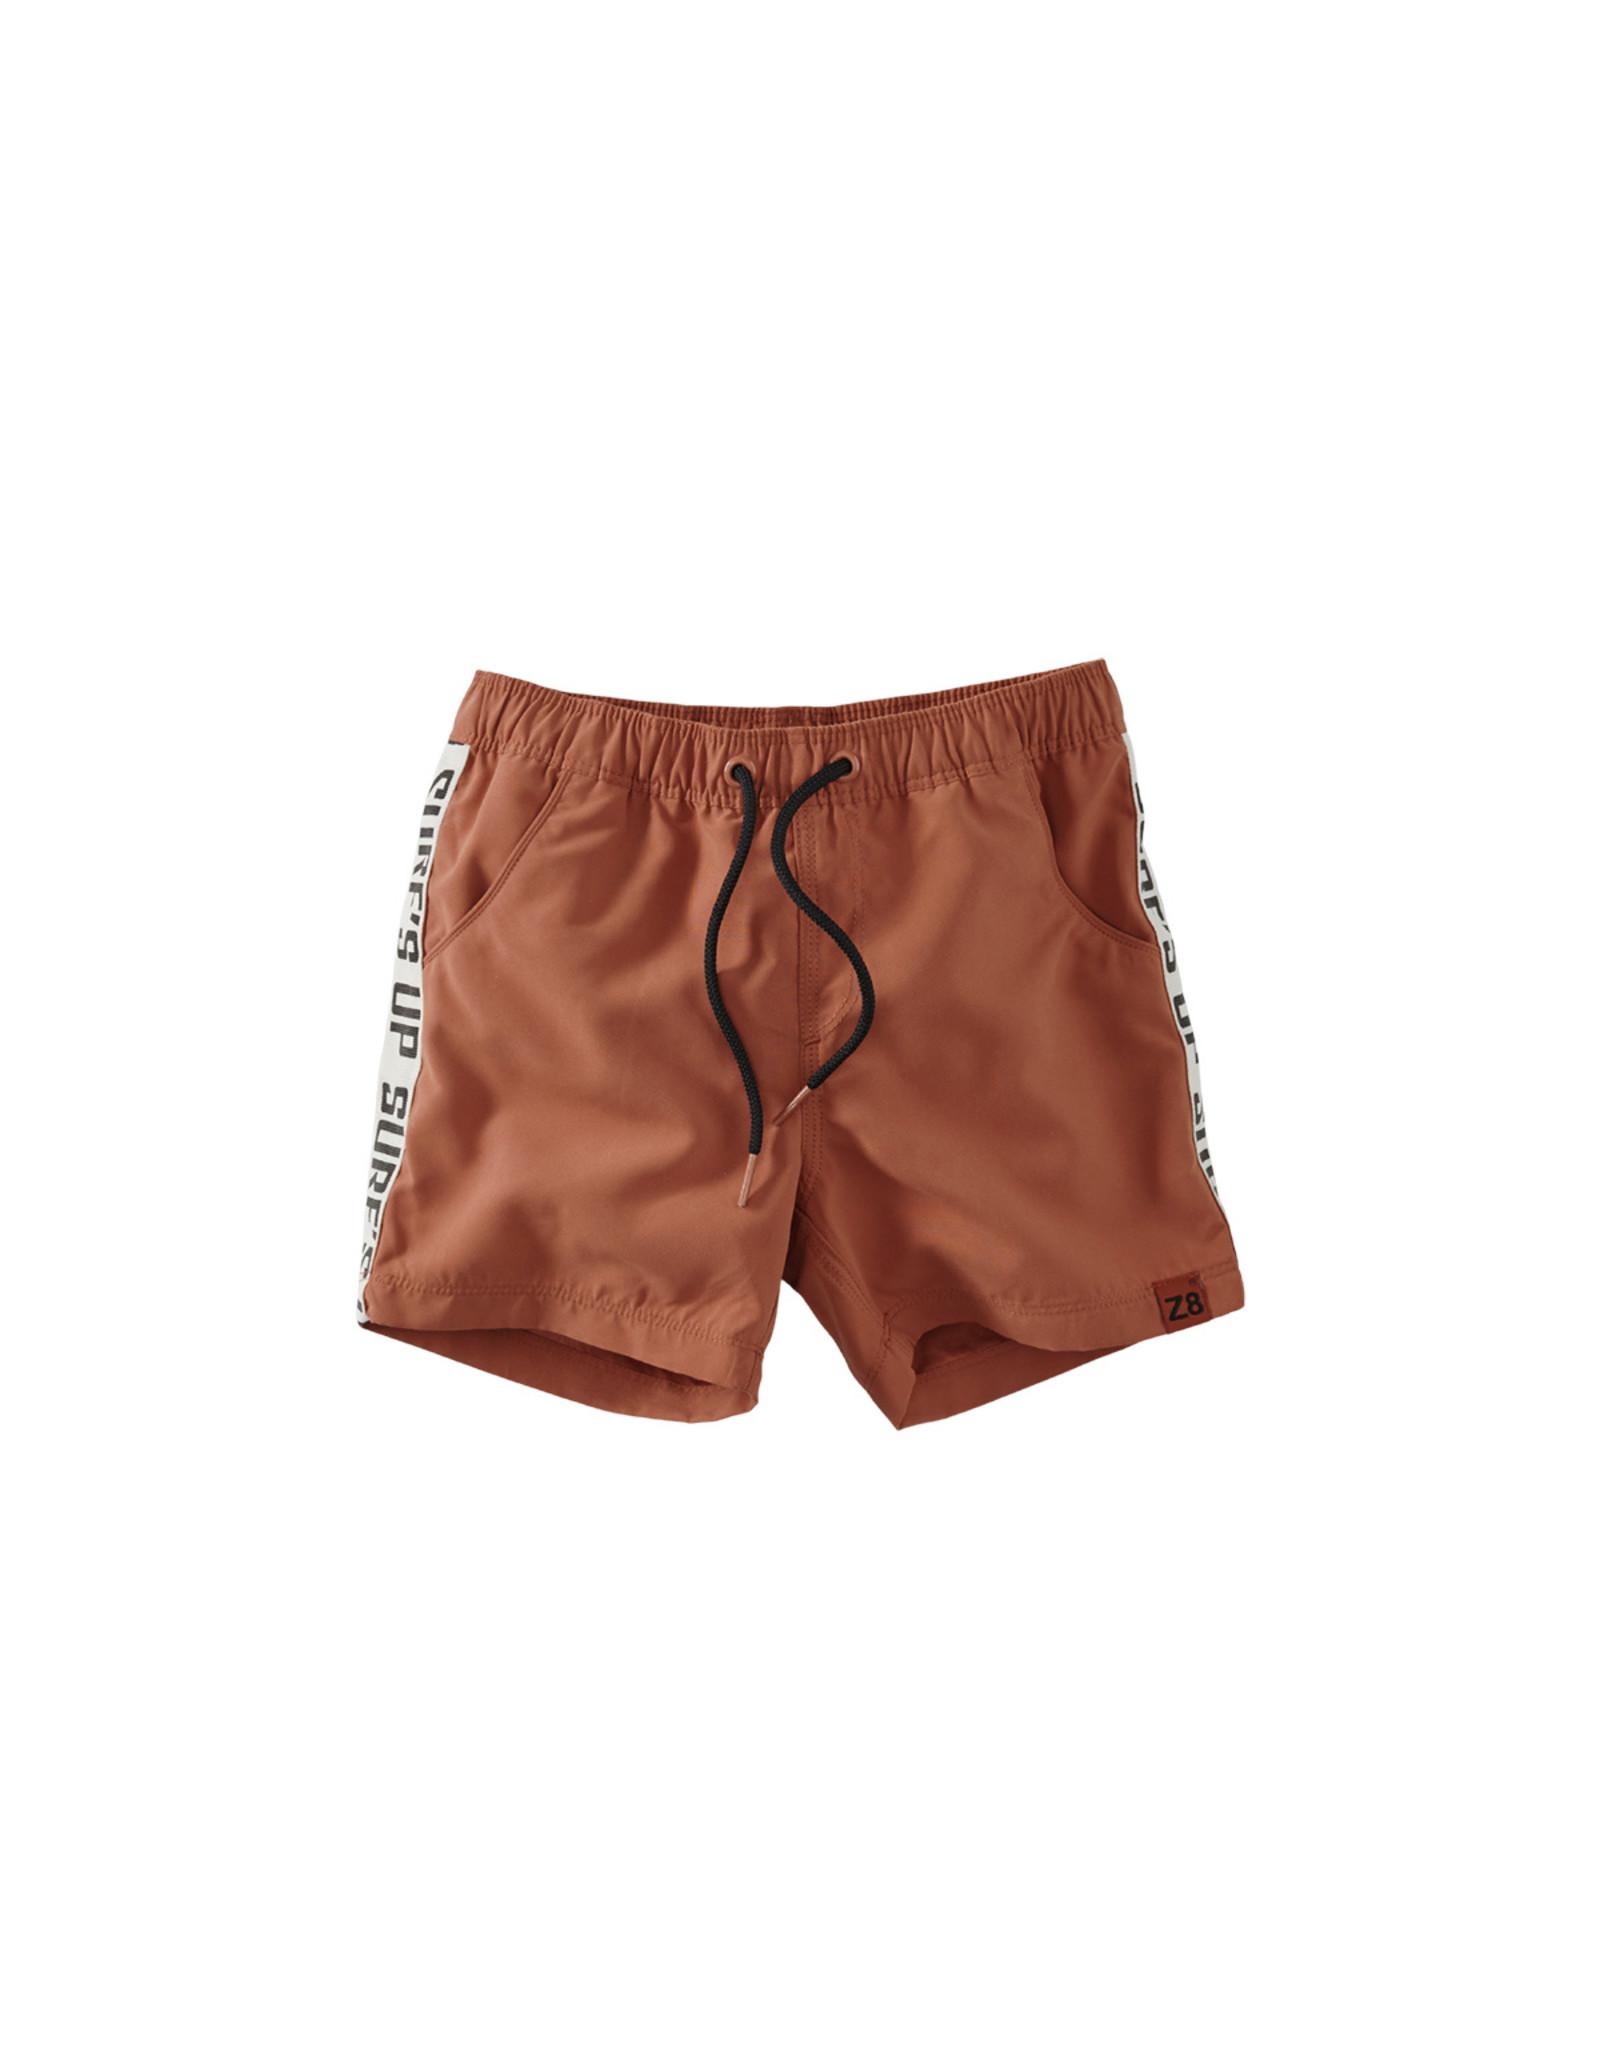 Z8 Michael, Bombay brown